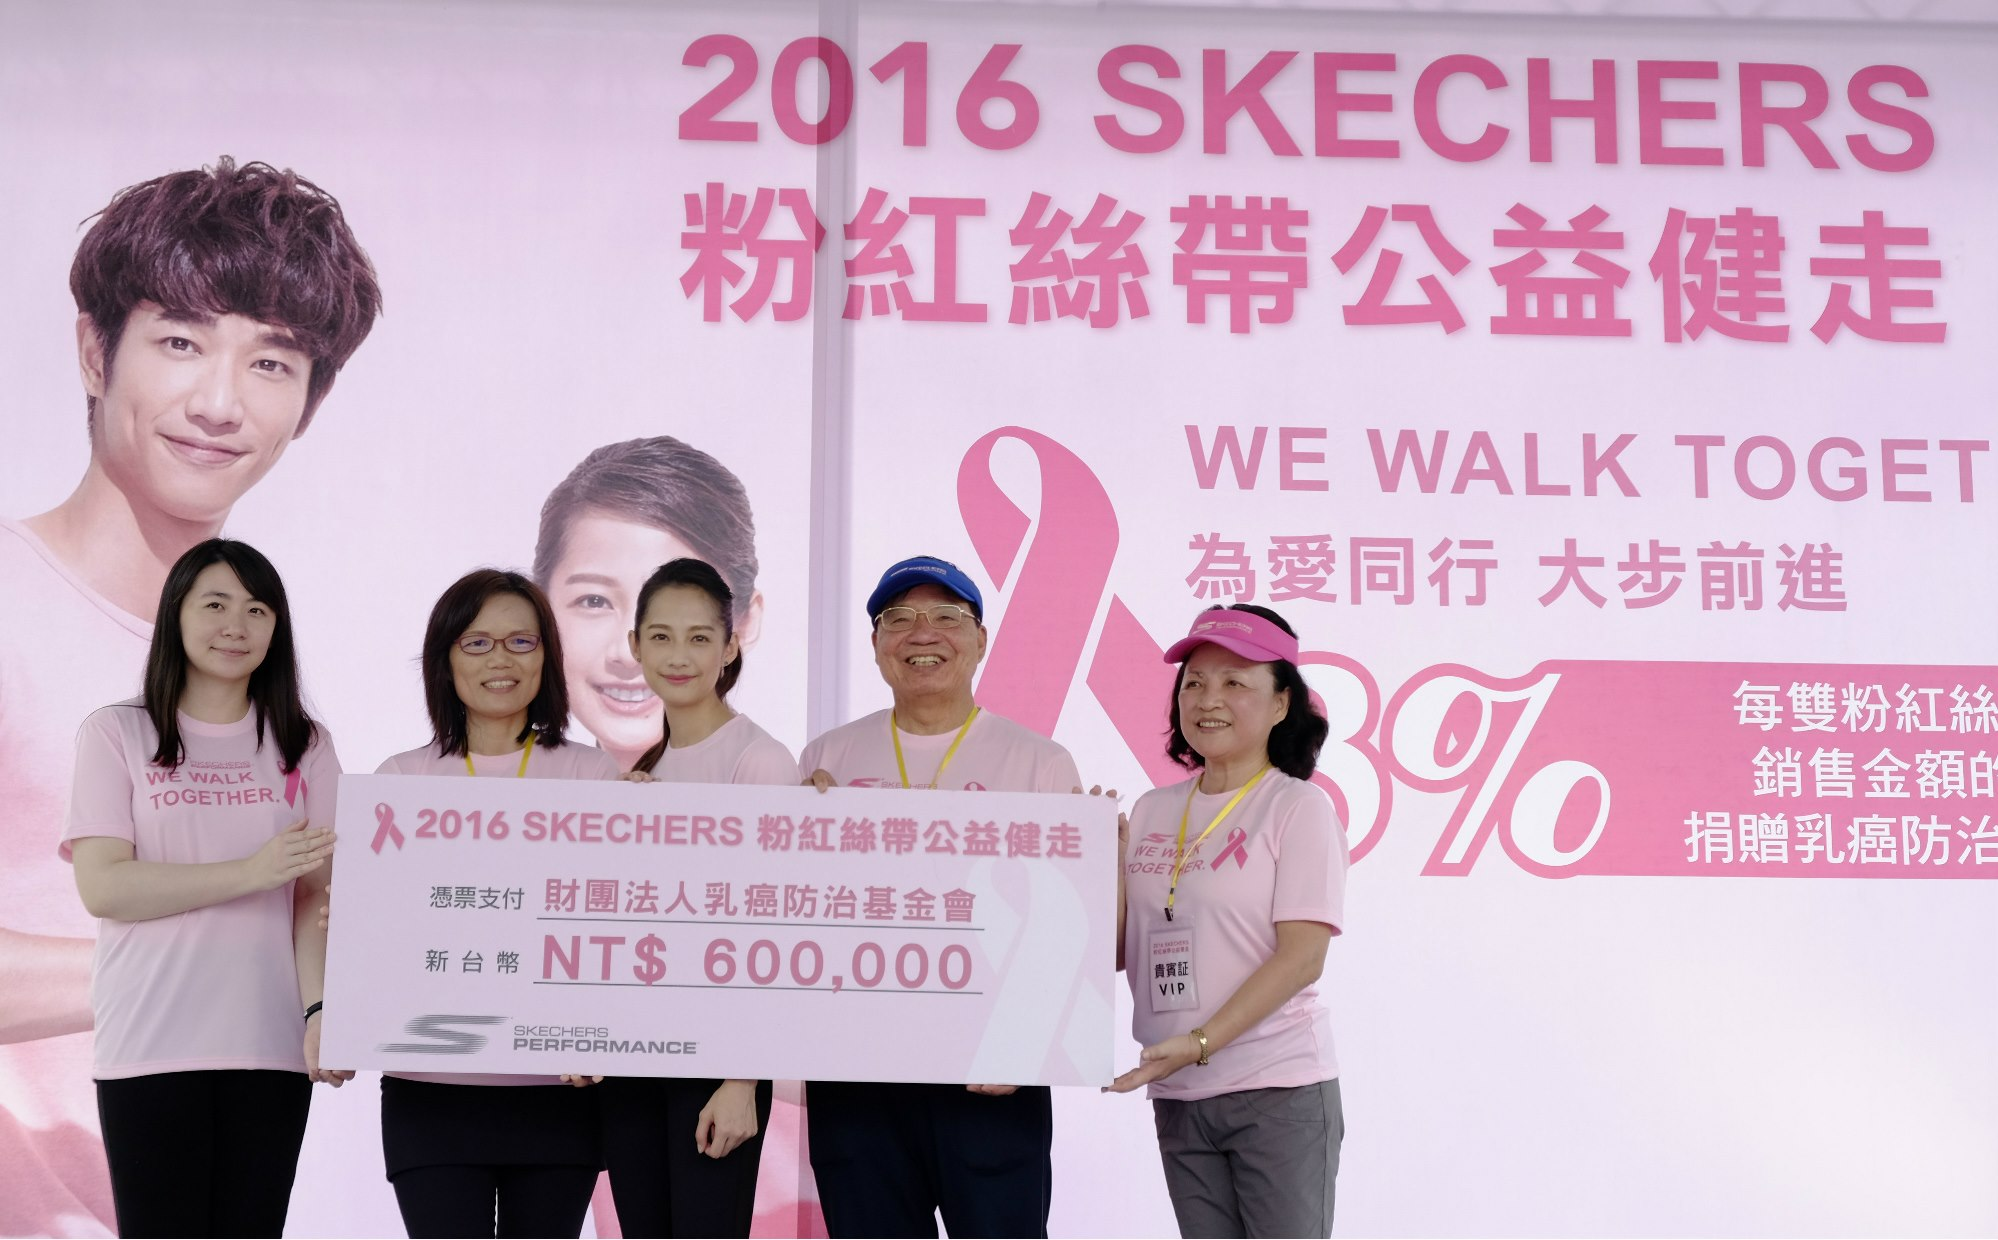 官方新聞 / 2016 SKECHERS 粉紅絲帶公益健走活動